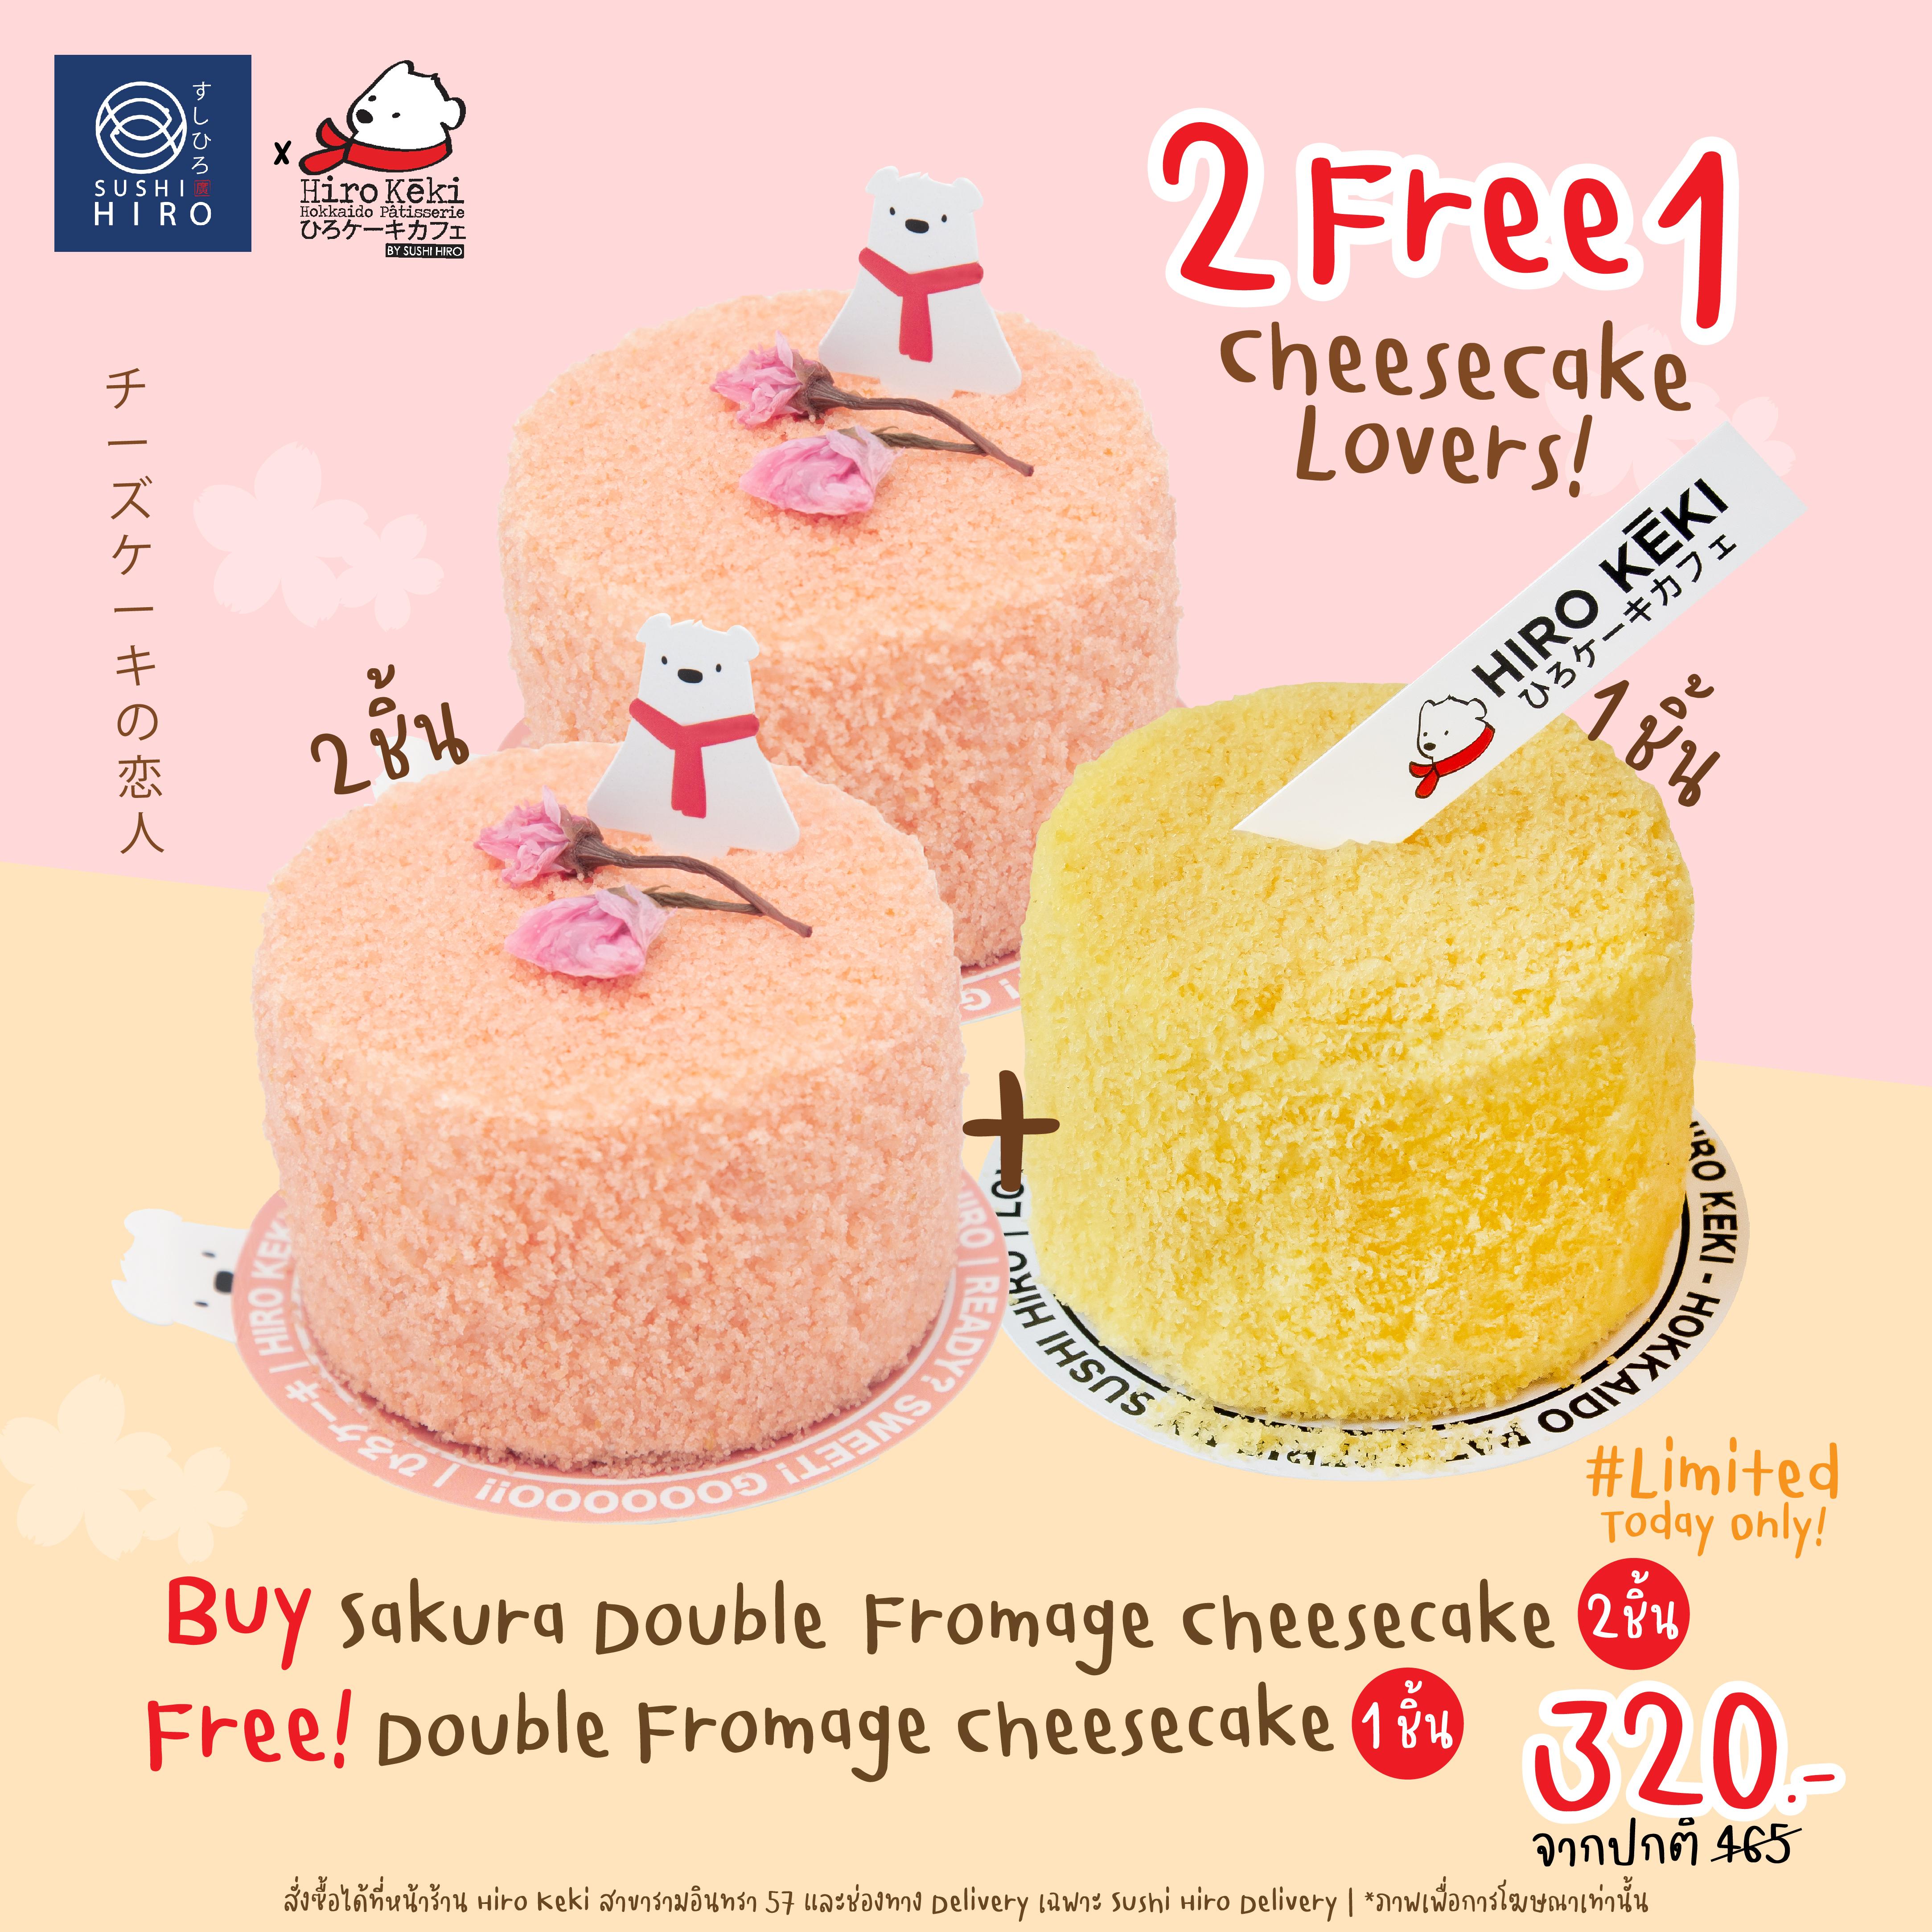 NEW [ 2 Free 1 ]Sakura Double Fromage Cheesecake 2 free Hokkaido Double Fromage Cheesecake